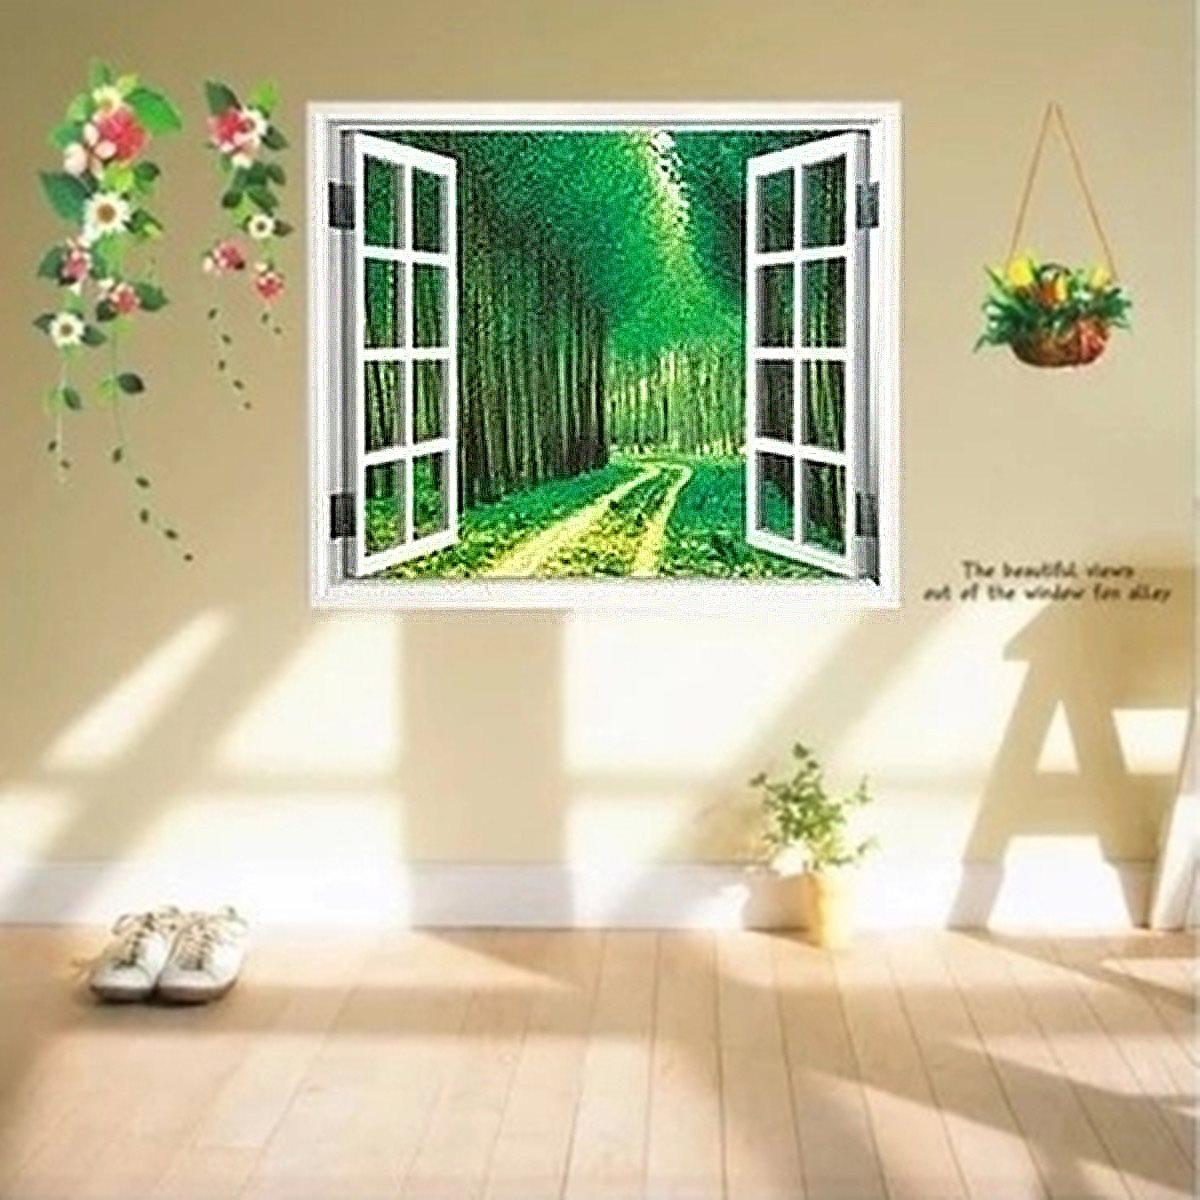 Groene kamer ontwerpen koop goedkope groene kamer ontwerpen loten ...